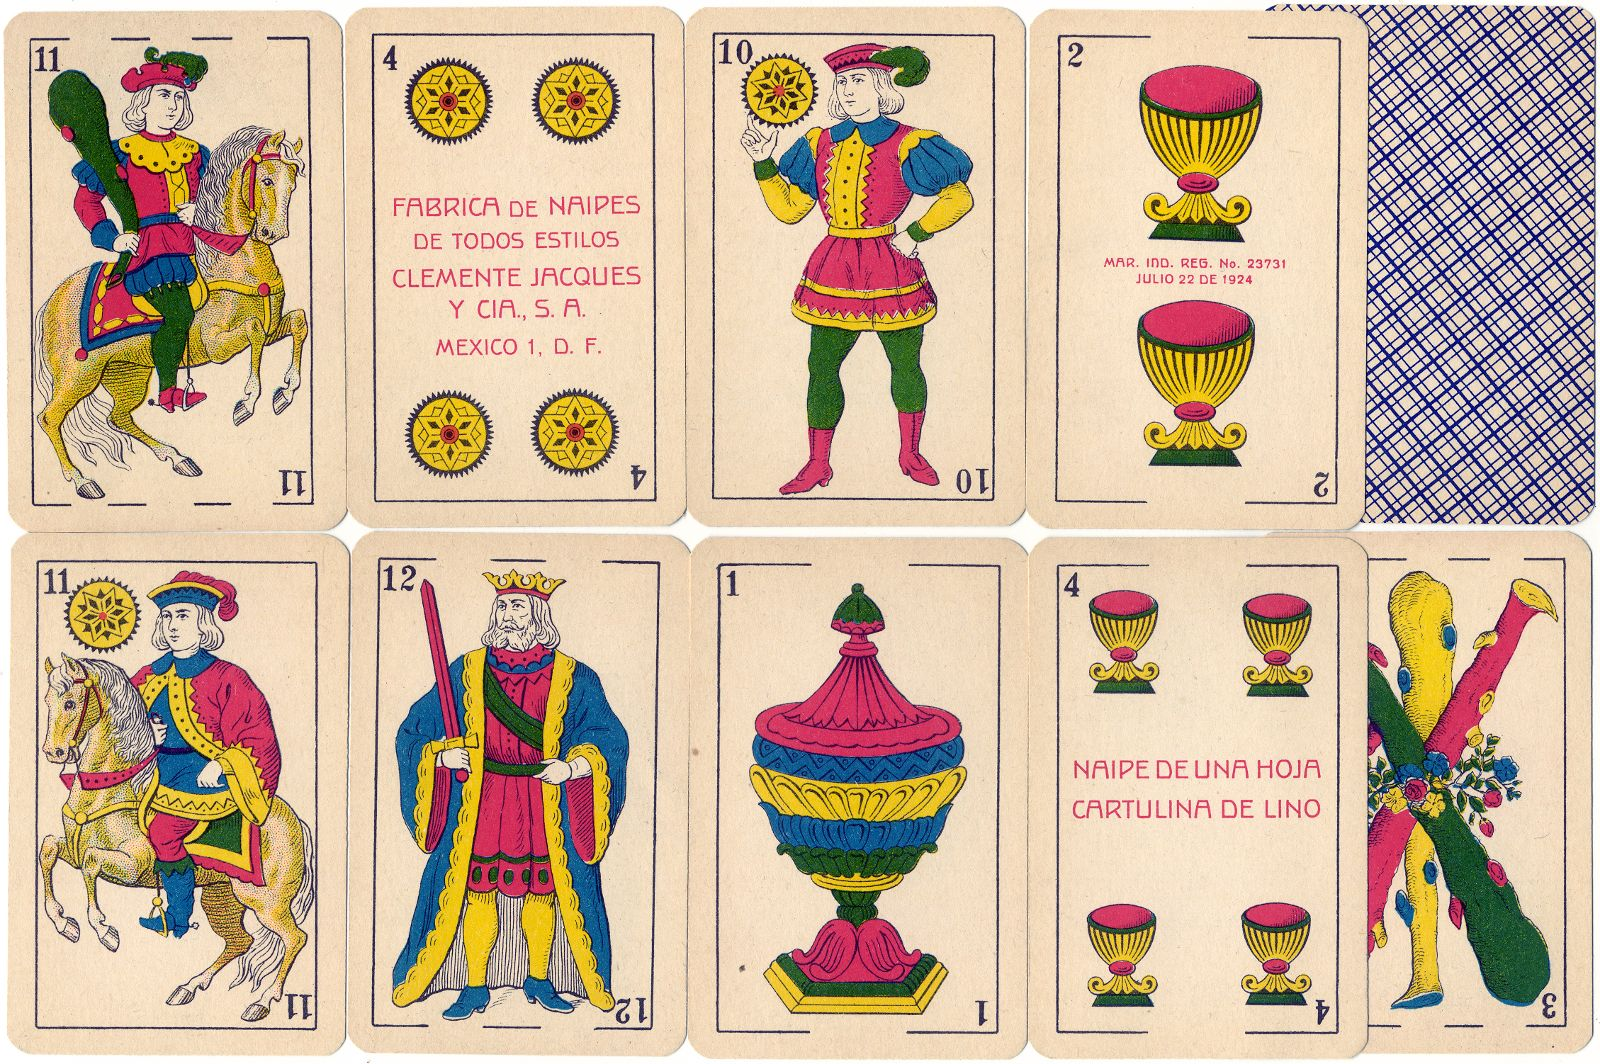 Naipes El León, Mexico, c.1950